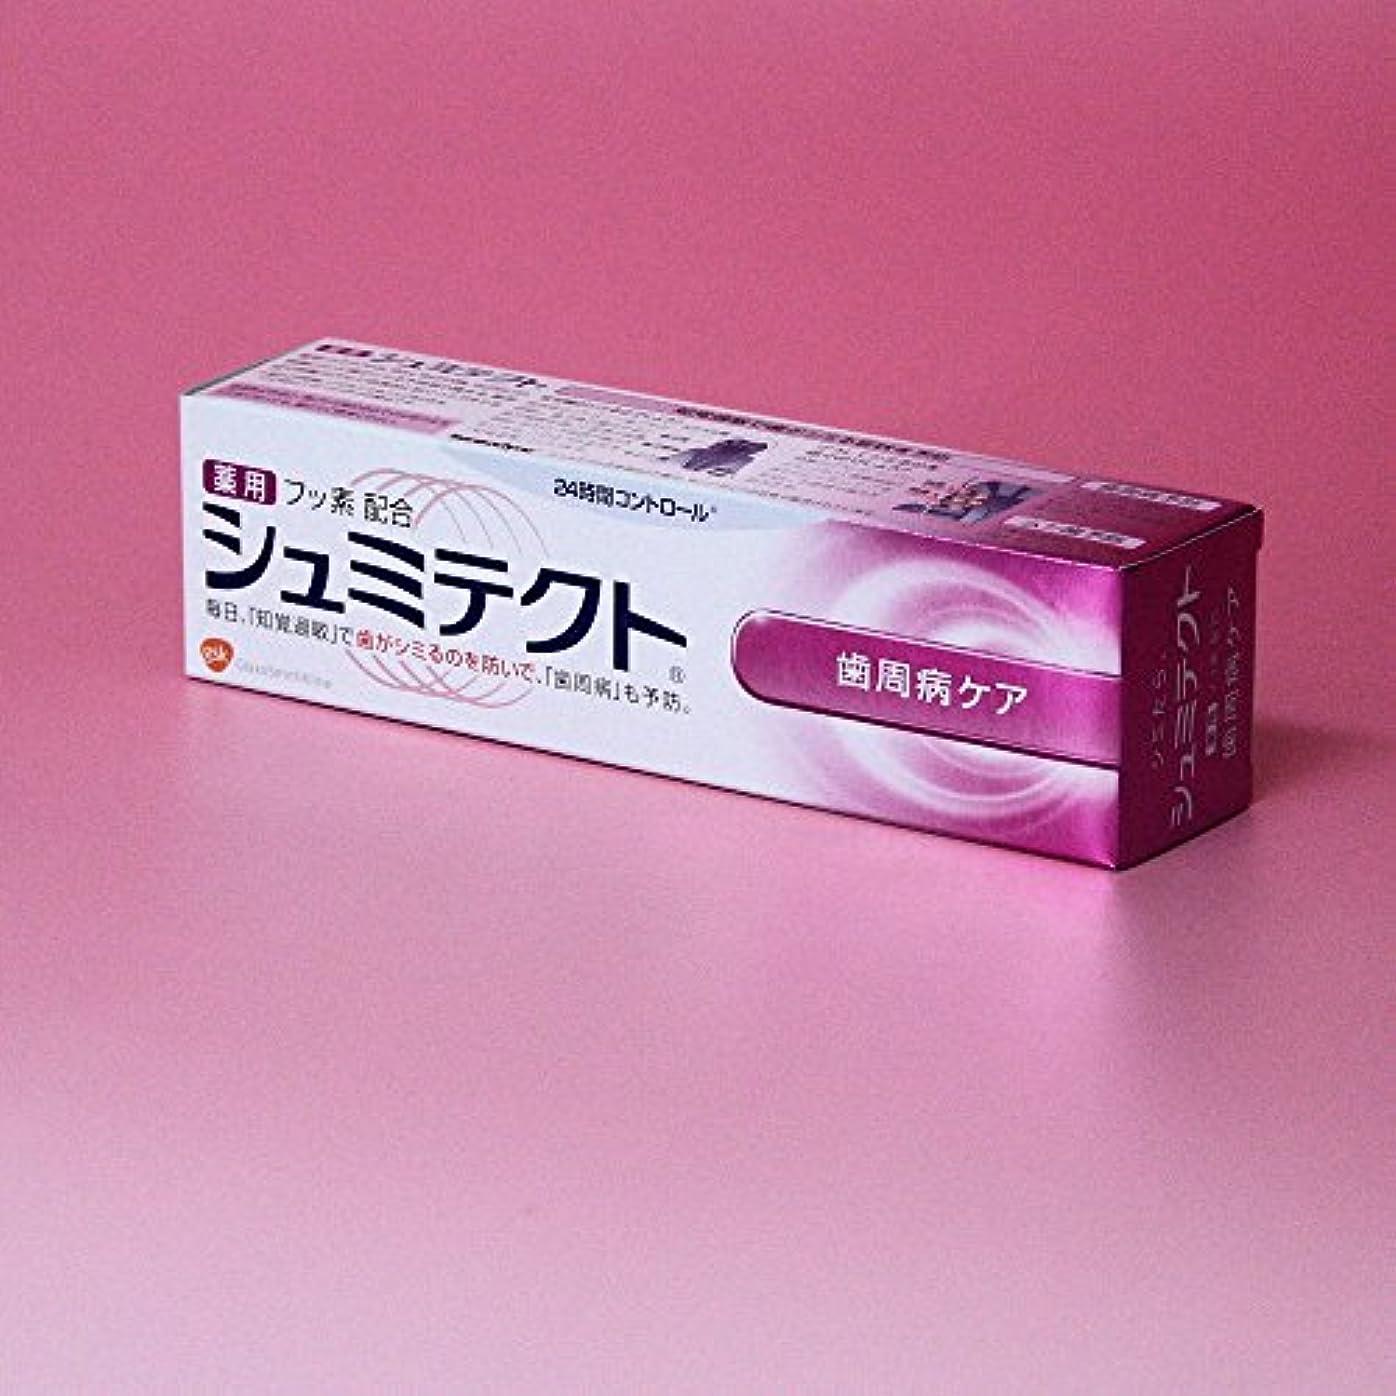 カスタム無視する真剣にアース製薬 シュミテクト 歯周病ケア 90g